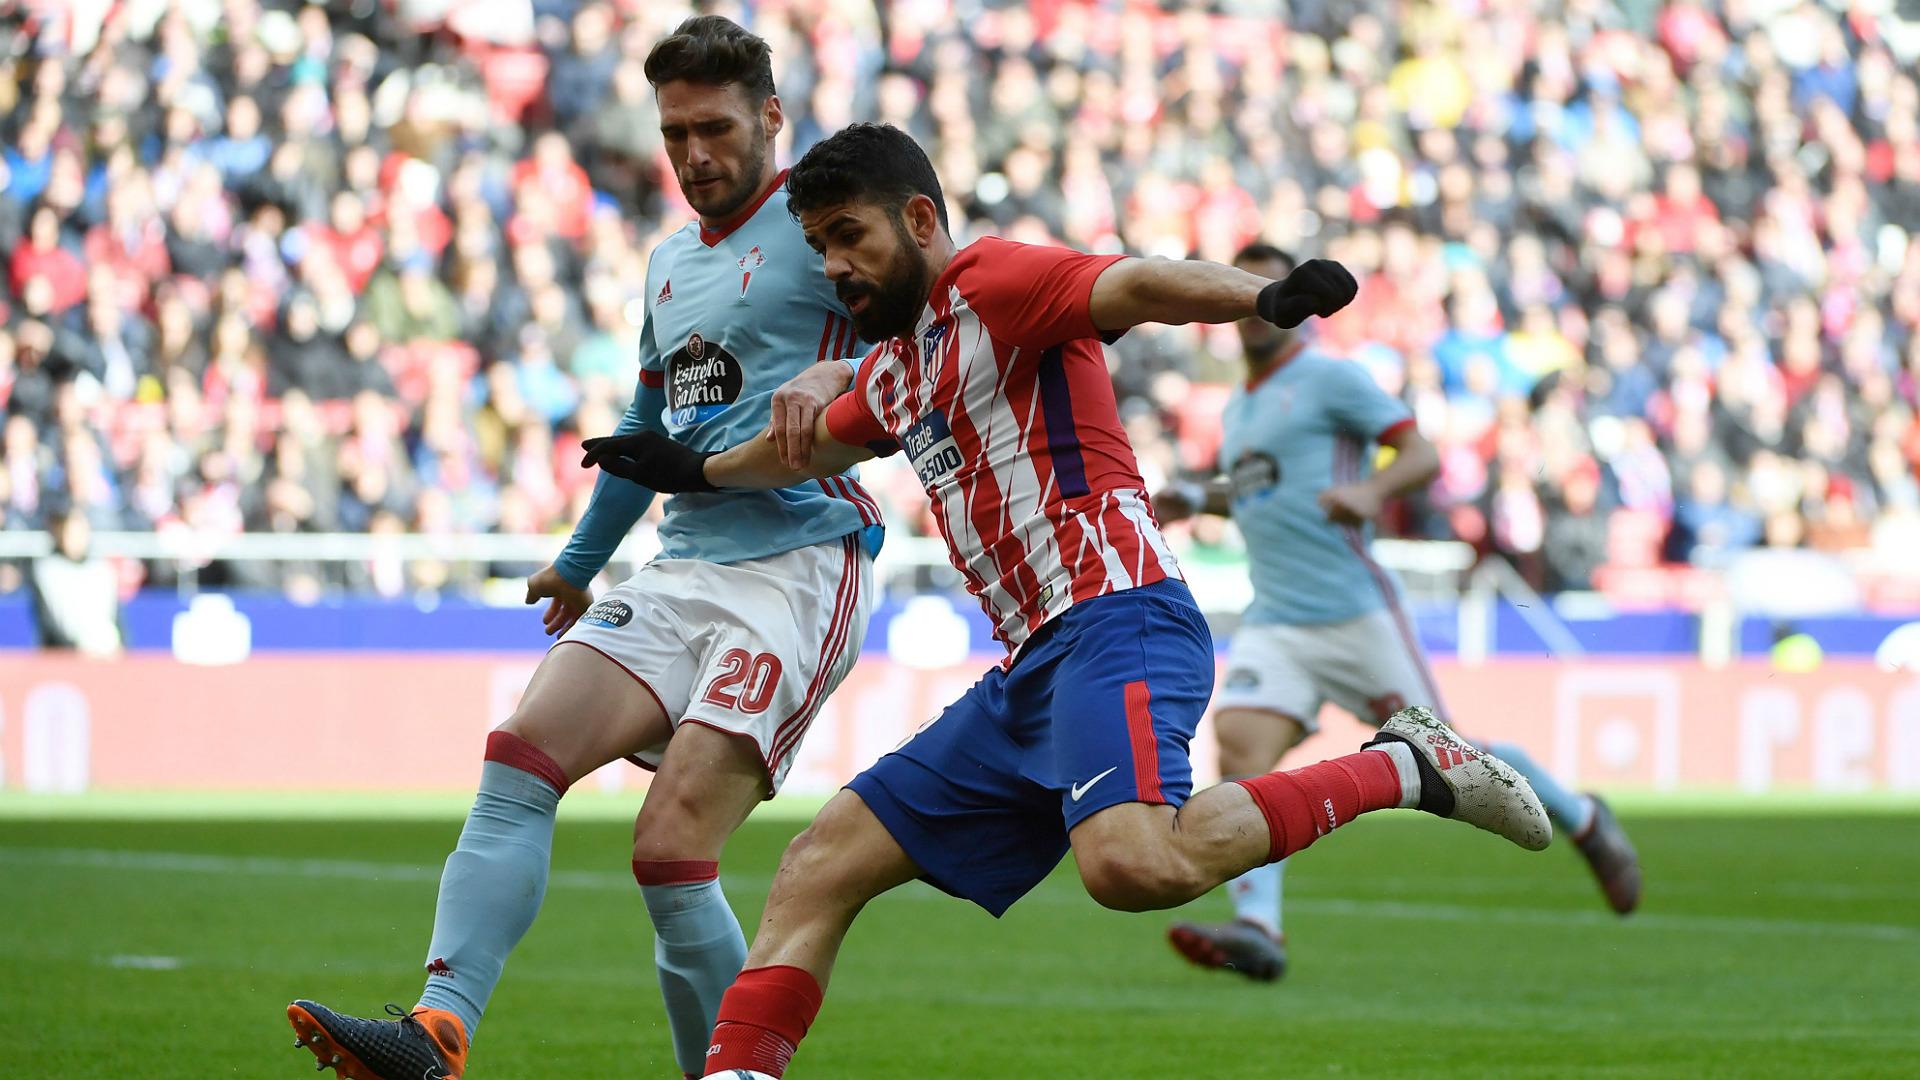 Sergi Gomez Atletico Madrid Celta Vigo La Liga